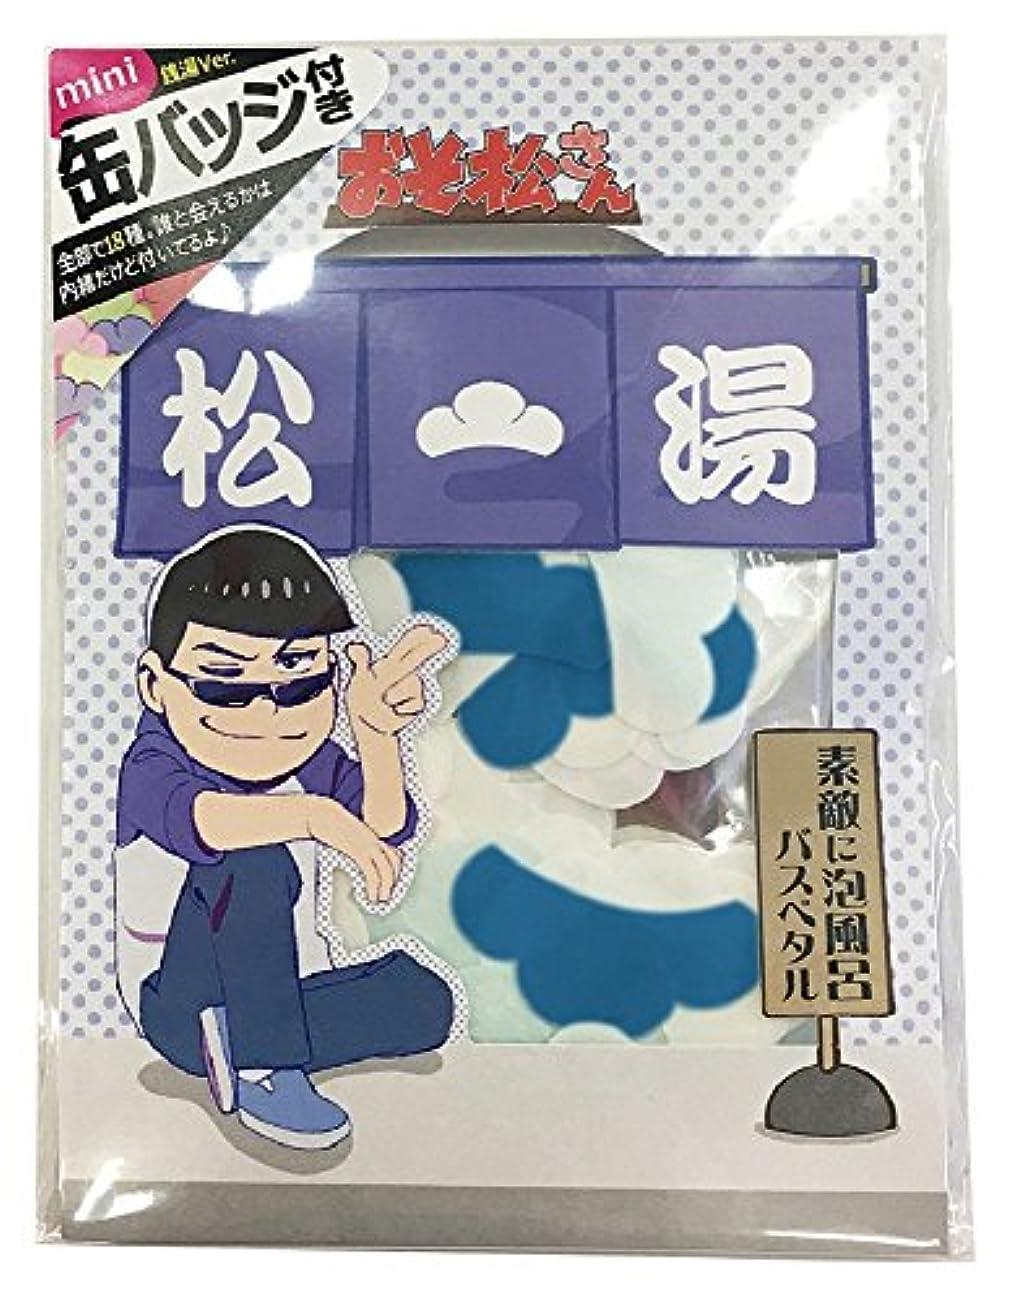 シュガー繊細業界おそ松さん 入浴剤 バスペタル カラ松 香り付き ミニ缶バッジ付き ABD-001-002